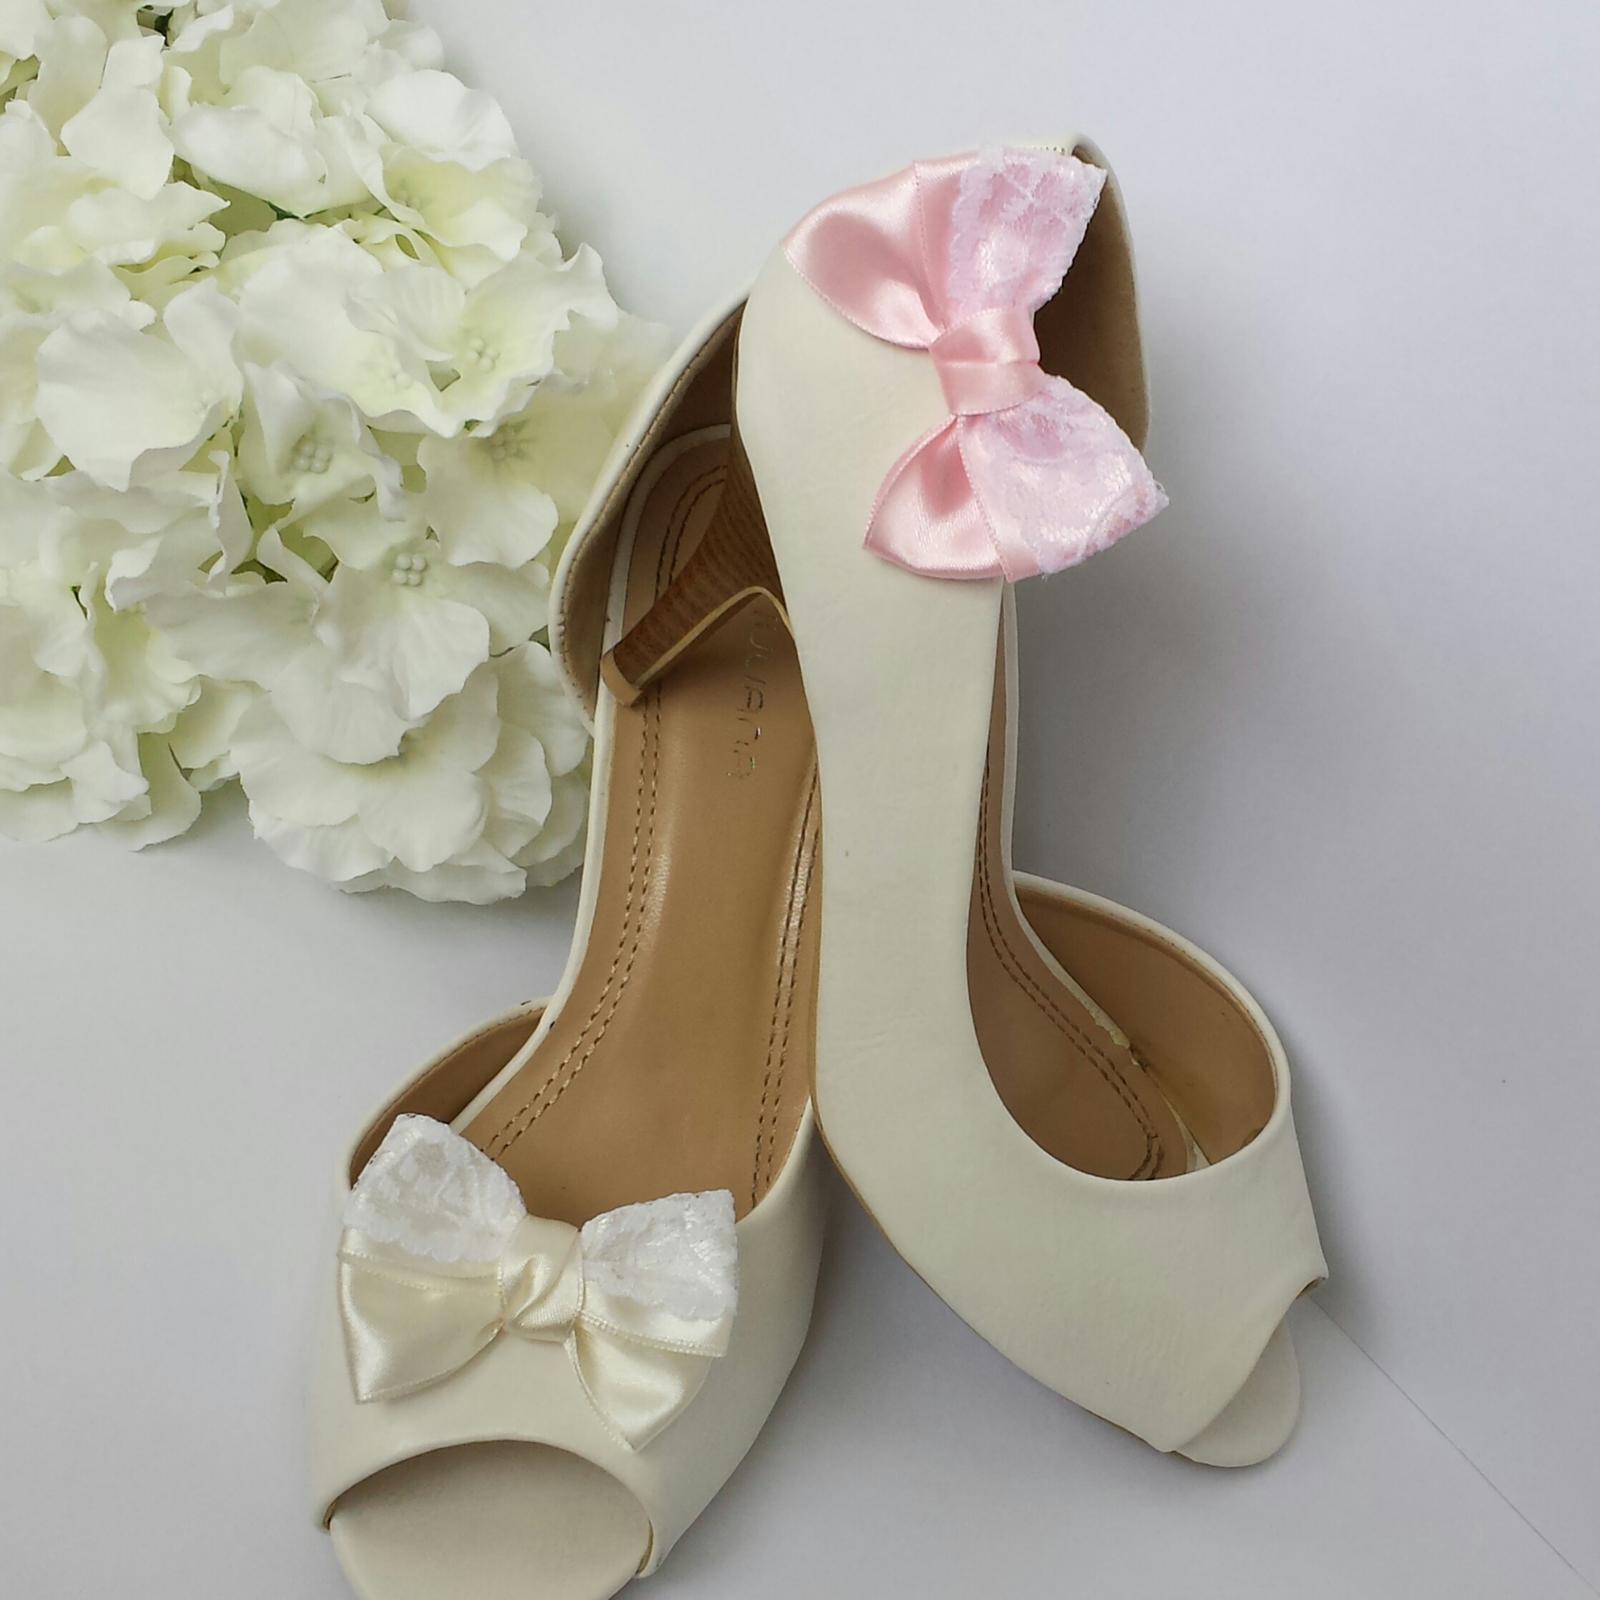 Klipy na boty barva a tvar dle přání - Dnešní FLER nominace (FLER.cz) 11:00- 19:00 a moje klipy na botičky:o)